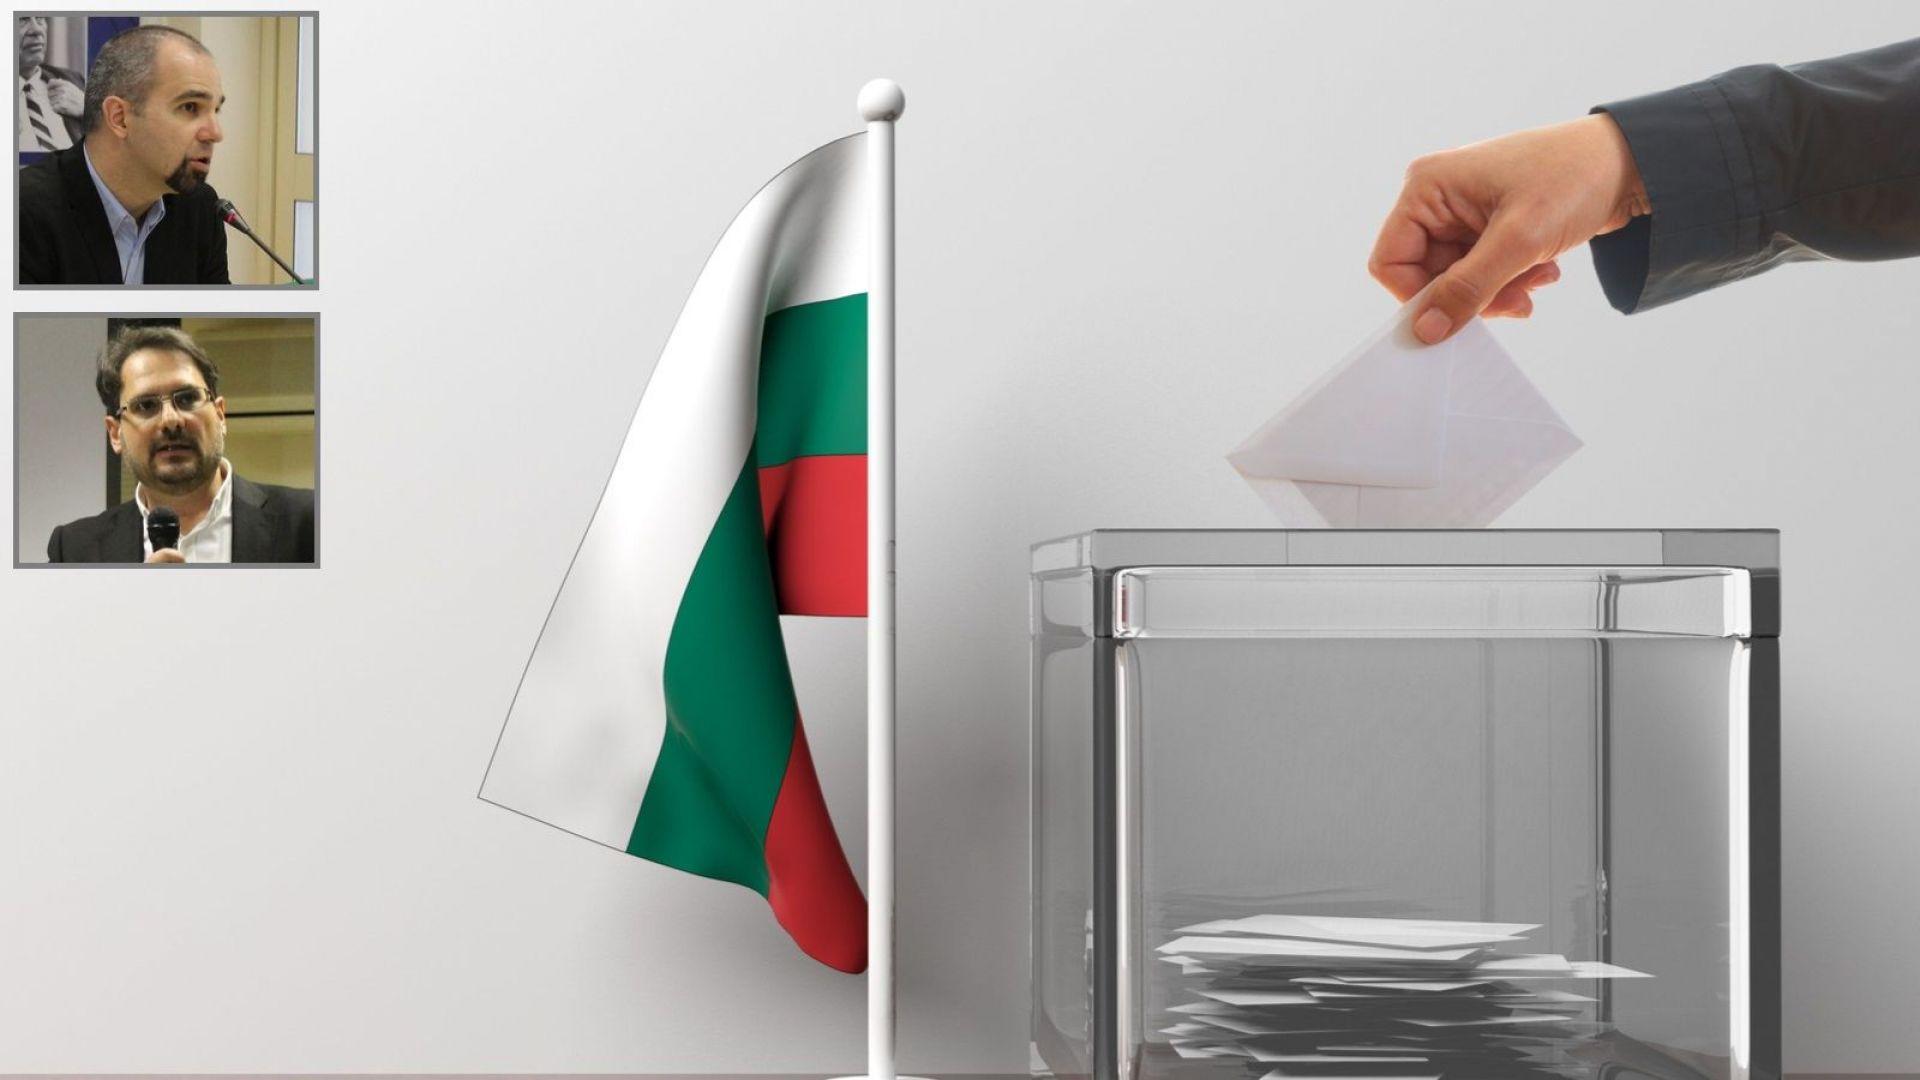 Малките - наказани, а големите - захванати: Първан Симеонов и Даниел Смилов за 1 лв. за глас